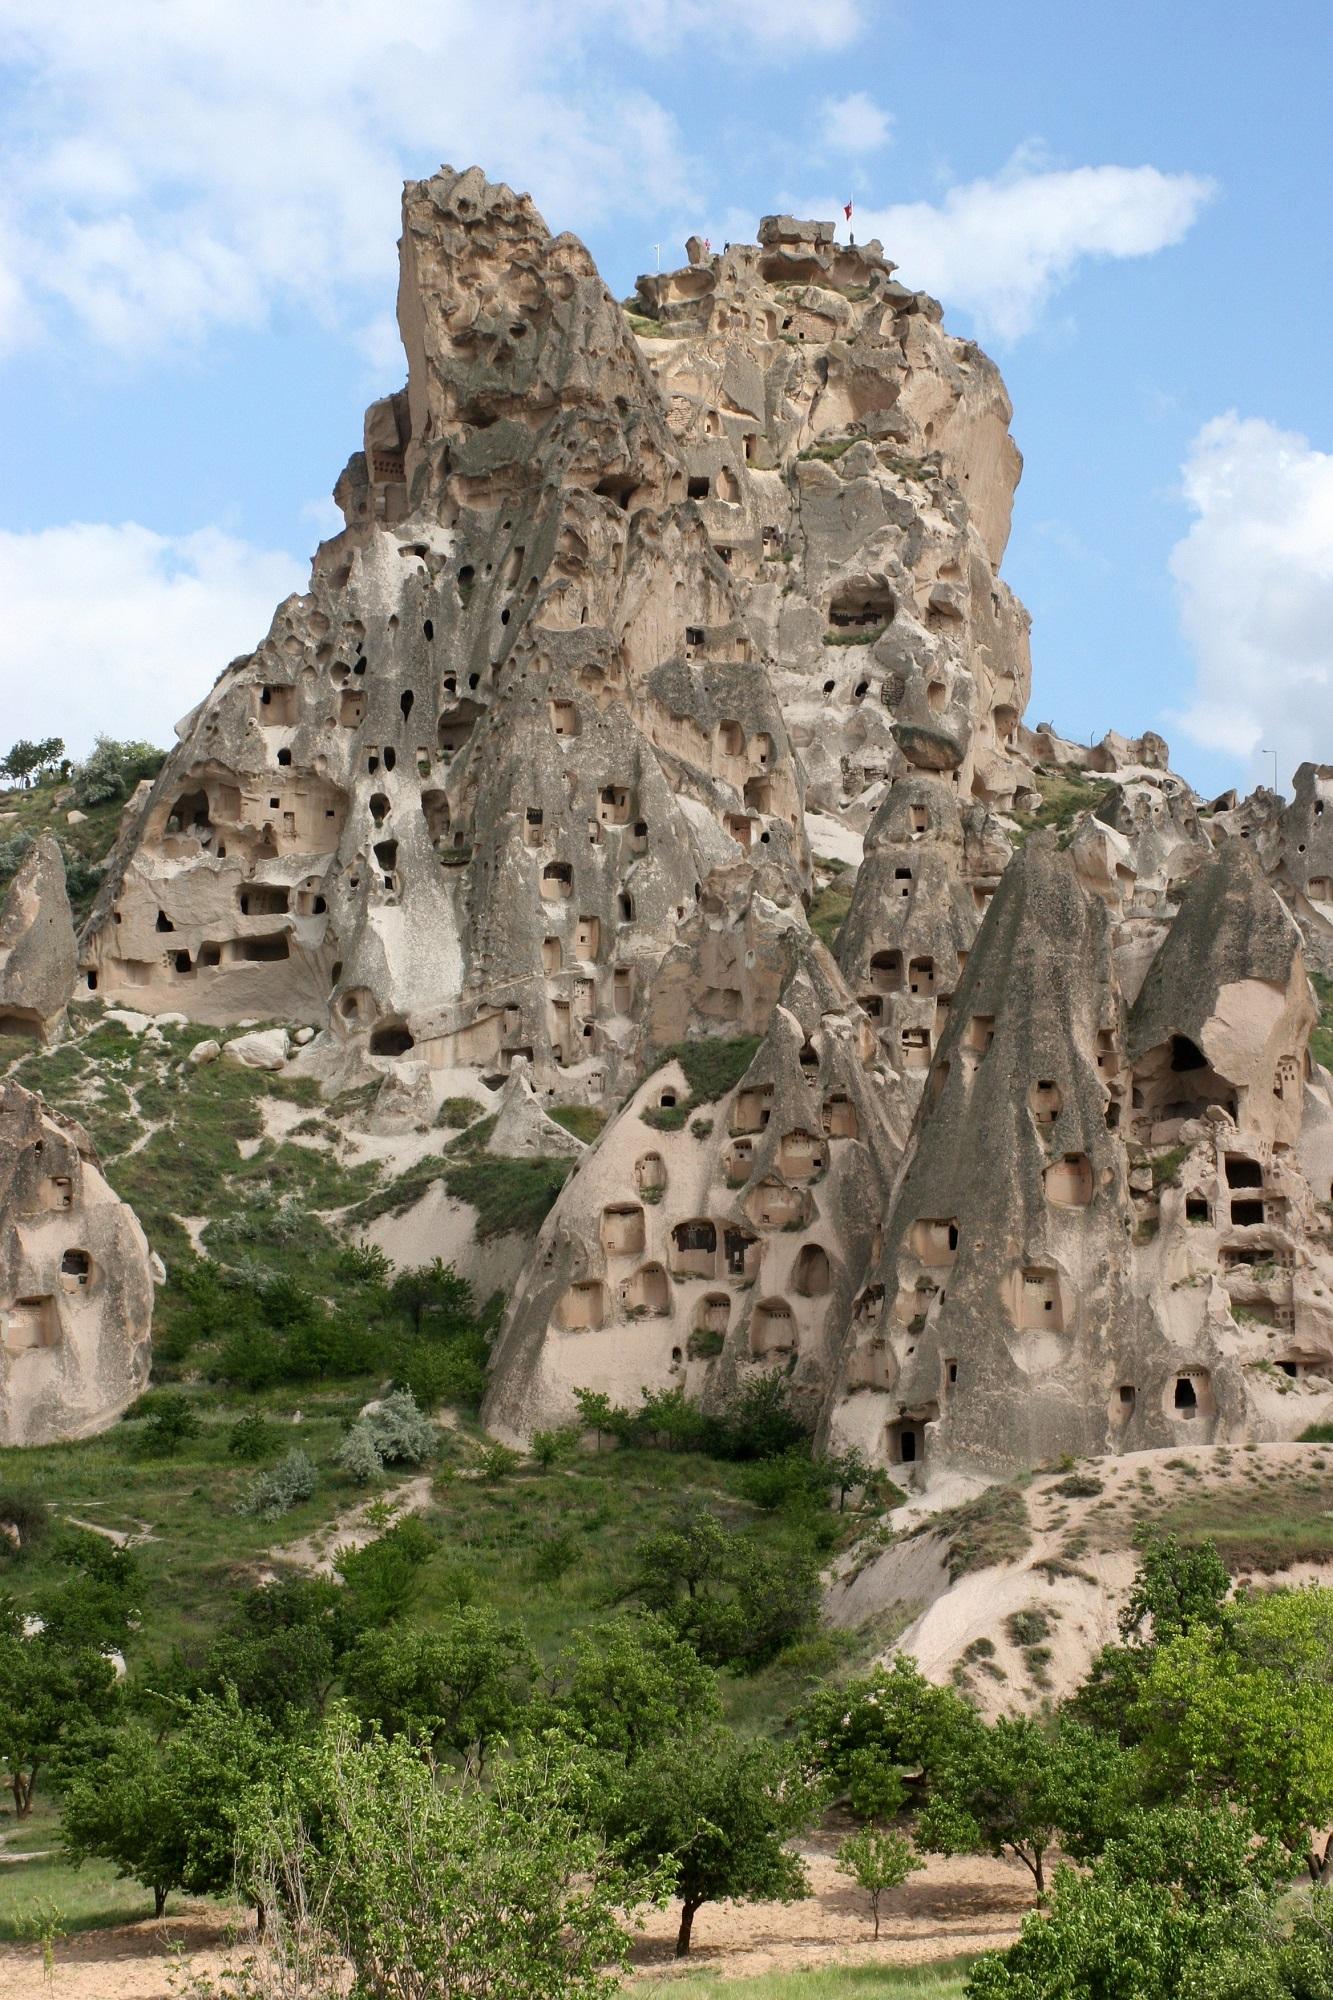 """Uchisar on Kappadokian komeimpia linnoja eli kivestä koverrettuja """"kerrostaloja"""". Sen ulkoseinät ovat romahtaneet paljastaen kammioita, jotka yhdistyvät toisiinsa portaiden, tunnelien ja käytävien avulla. Eroosion vuoksi asukkaat ovat lähteneet, mutta monet luolat ovat edelleen käytössä kyyhkyslakkoina."""